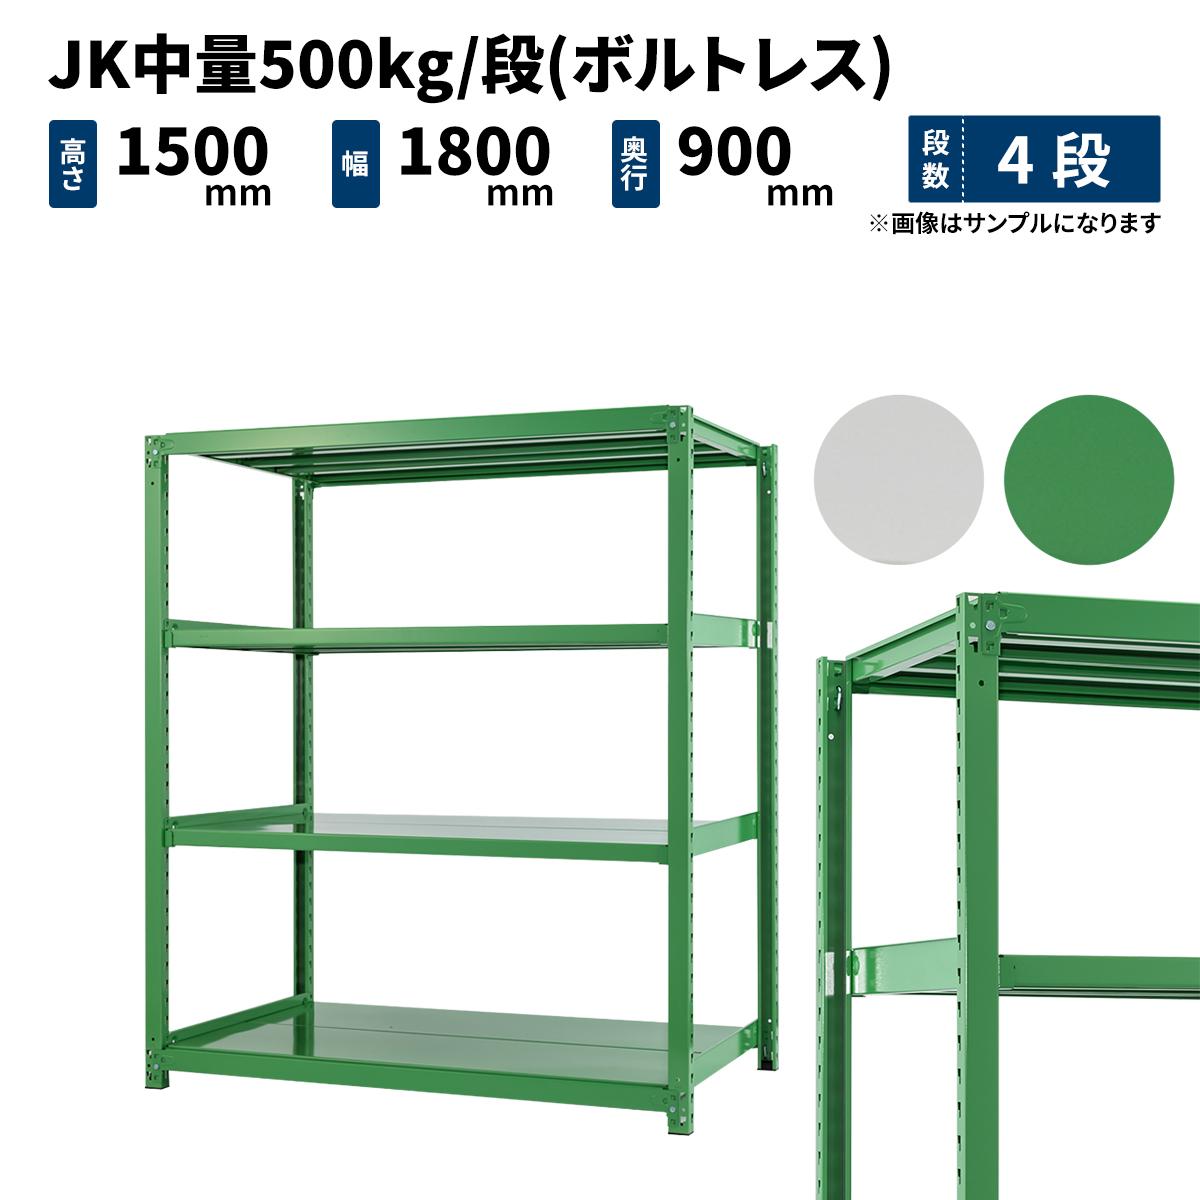 スチールラック 業務用 JK中量500kg/段(ボルトレス) 単体形式 高さ1500×幅1800×奥行900mm 4段 ホワイトグレー/グリーン (128kg) JK500_T-151809-4